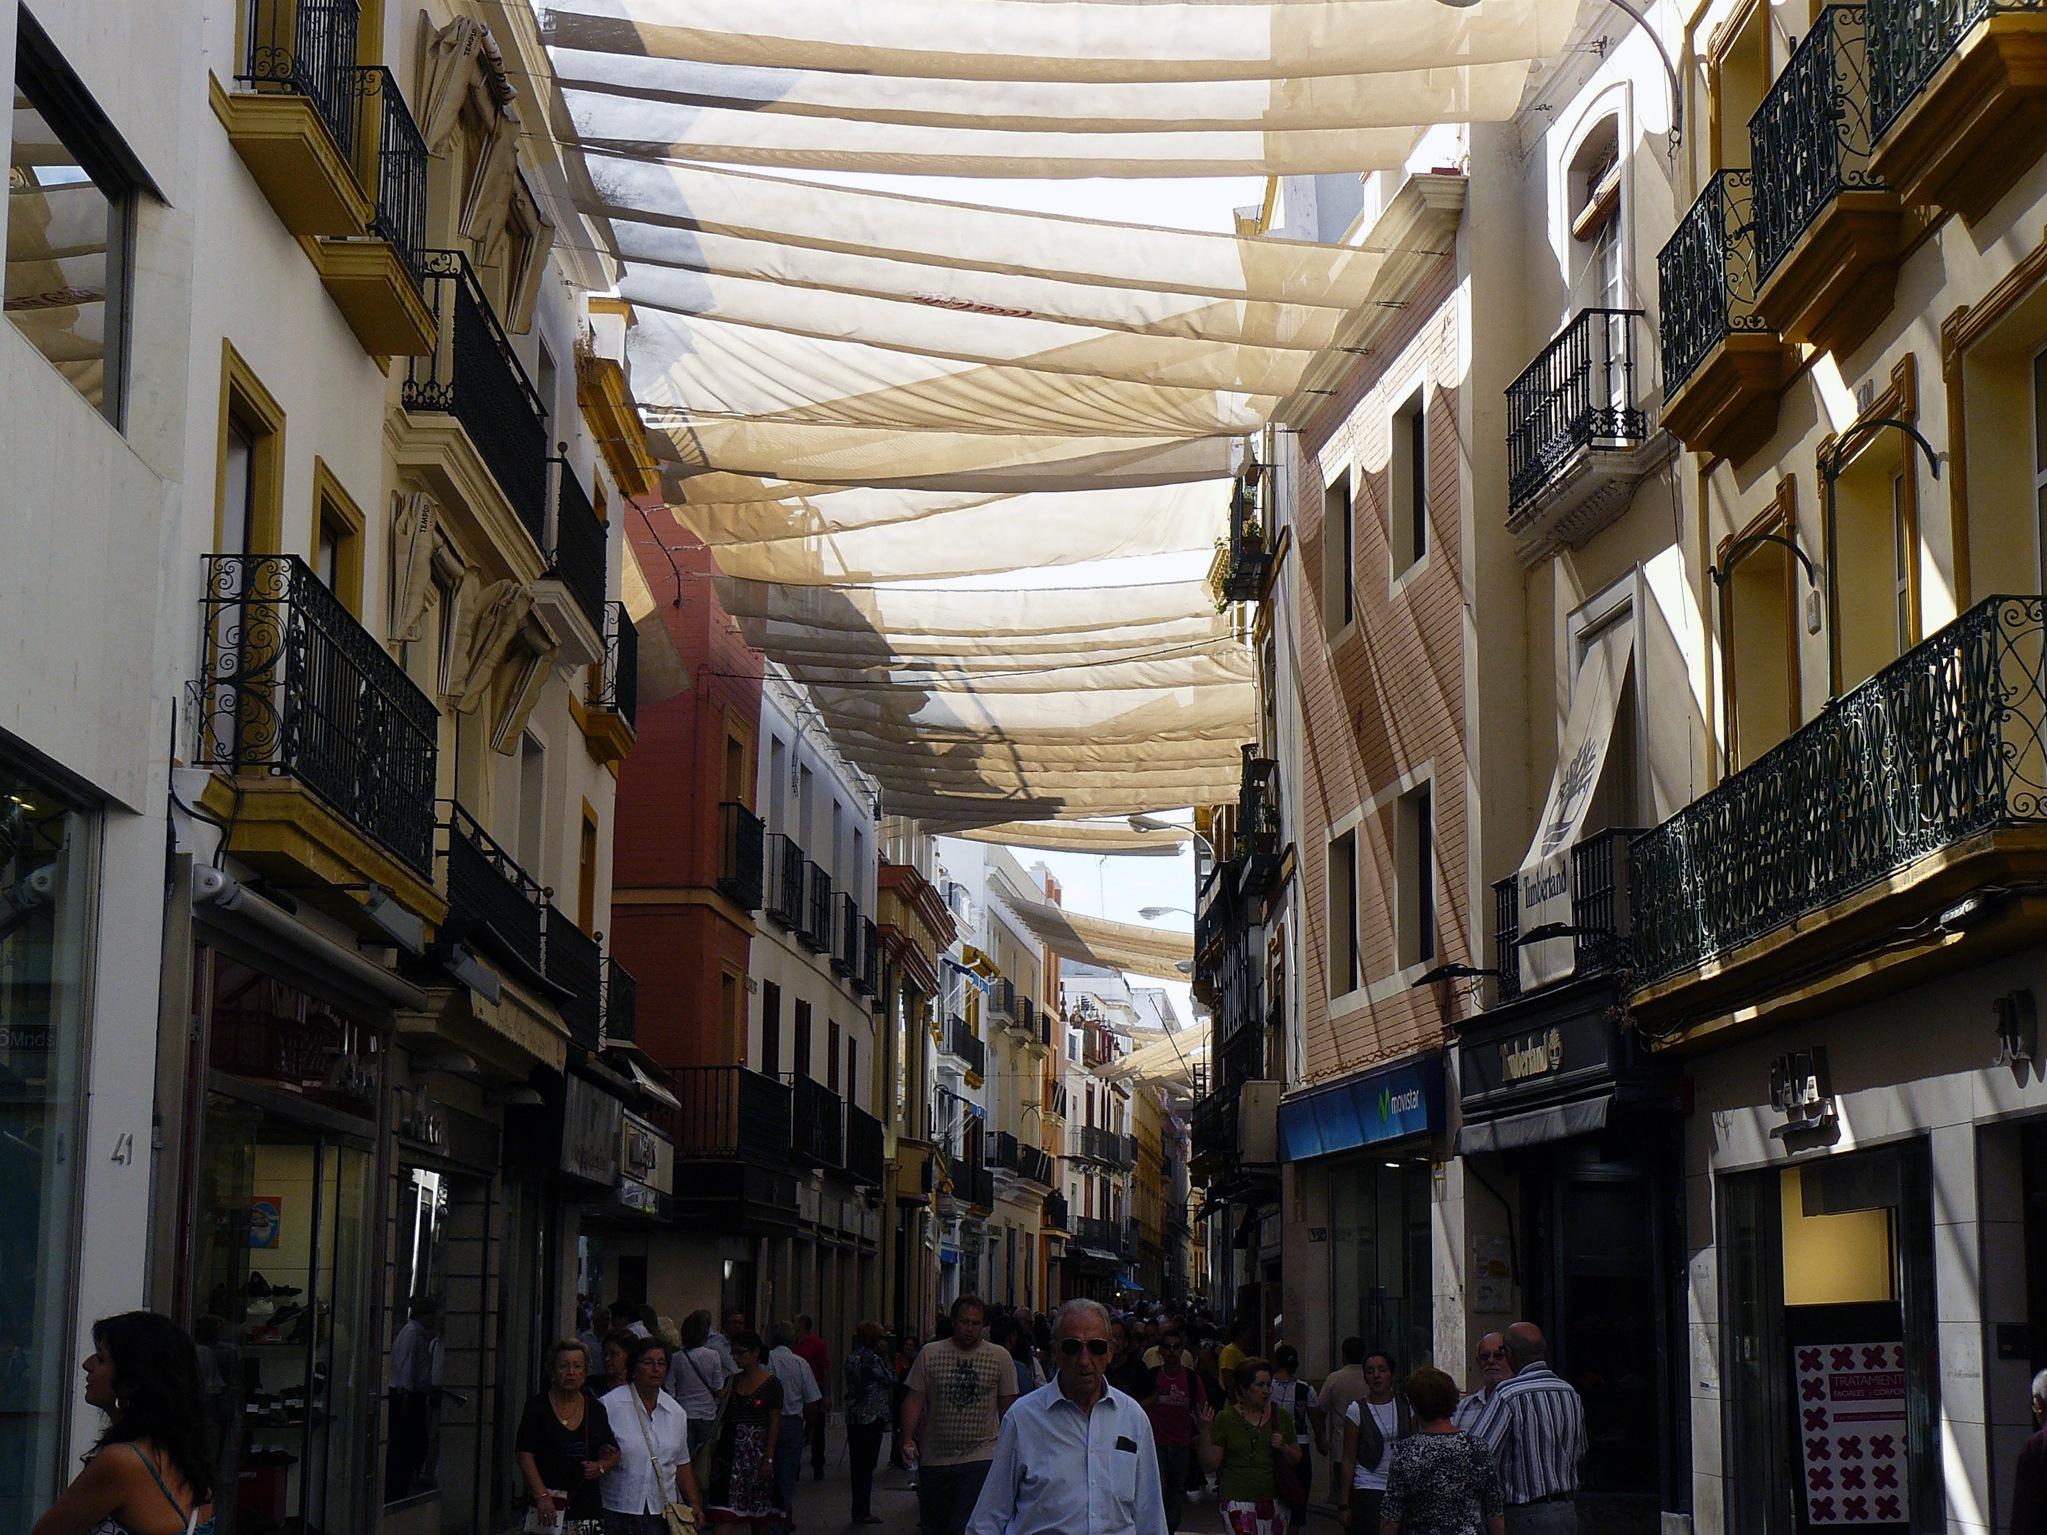 Calle Sierpes. Sevilla by DavidRoldan